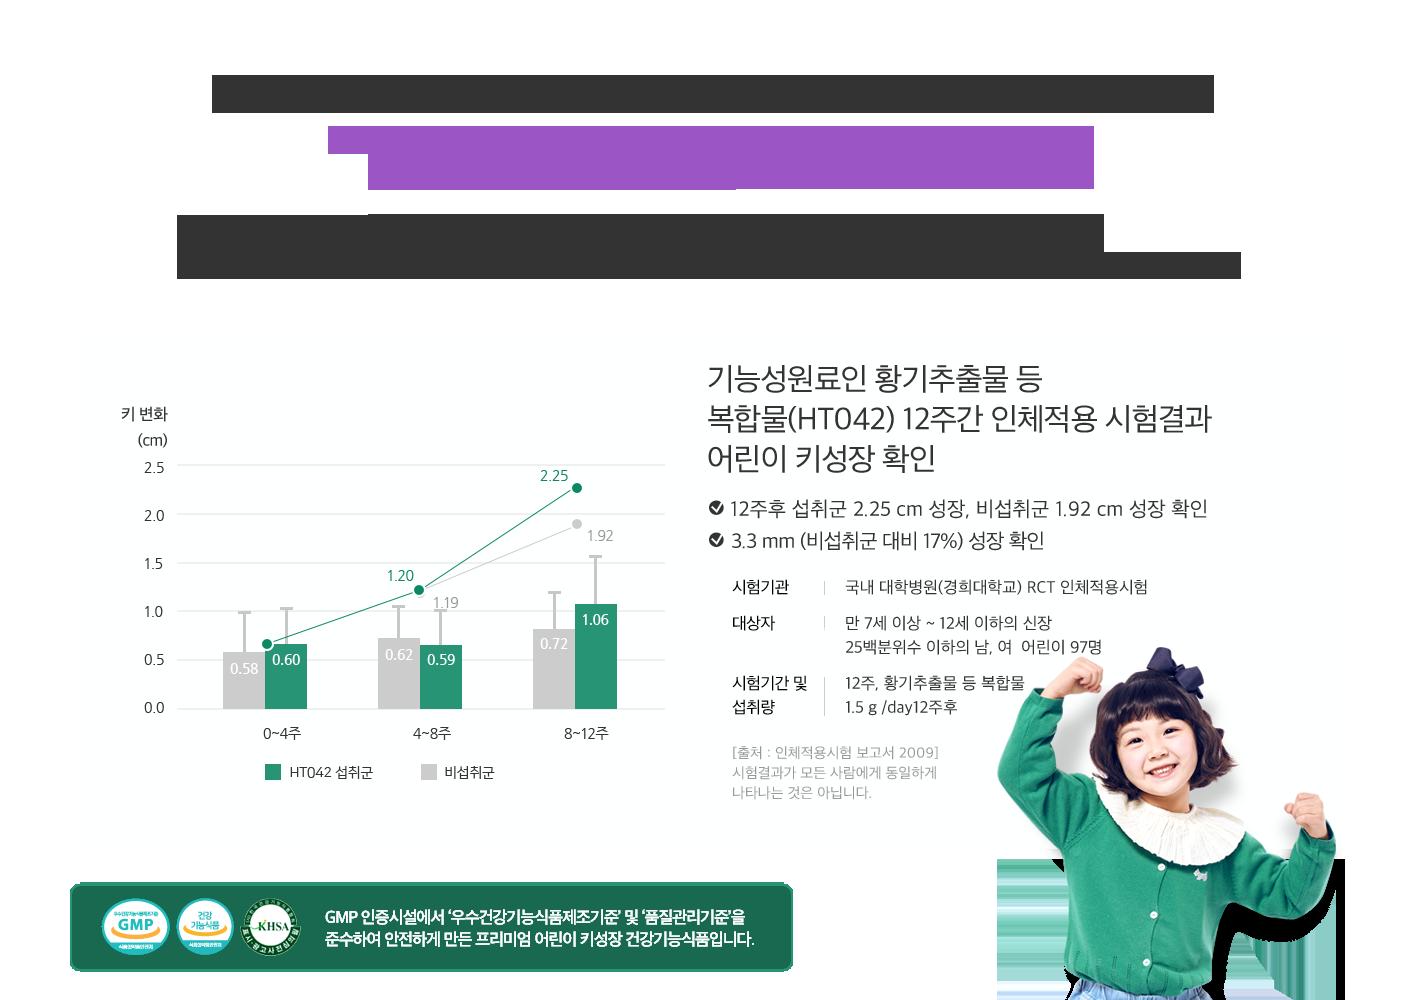 아이키쑤욱 제품정보